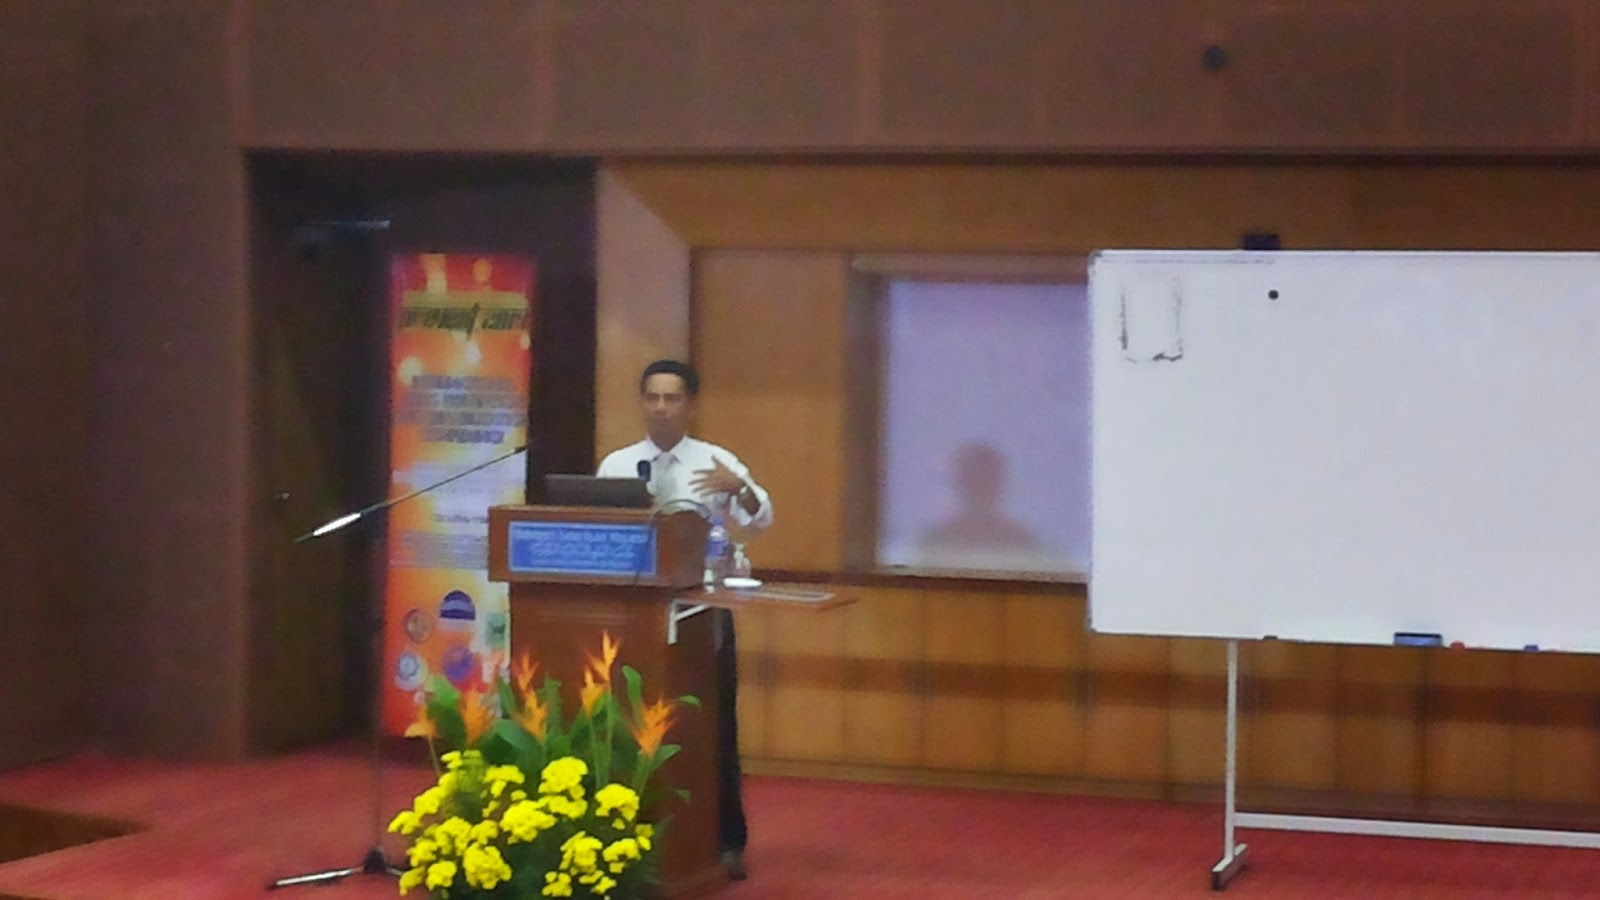 seminar dadah, AADK, agensi antidadah kebangsaan malaysia,dadah,psycho-educational therapy